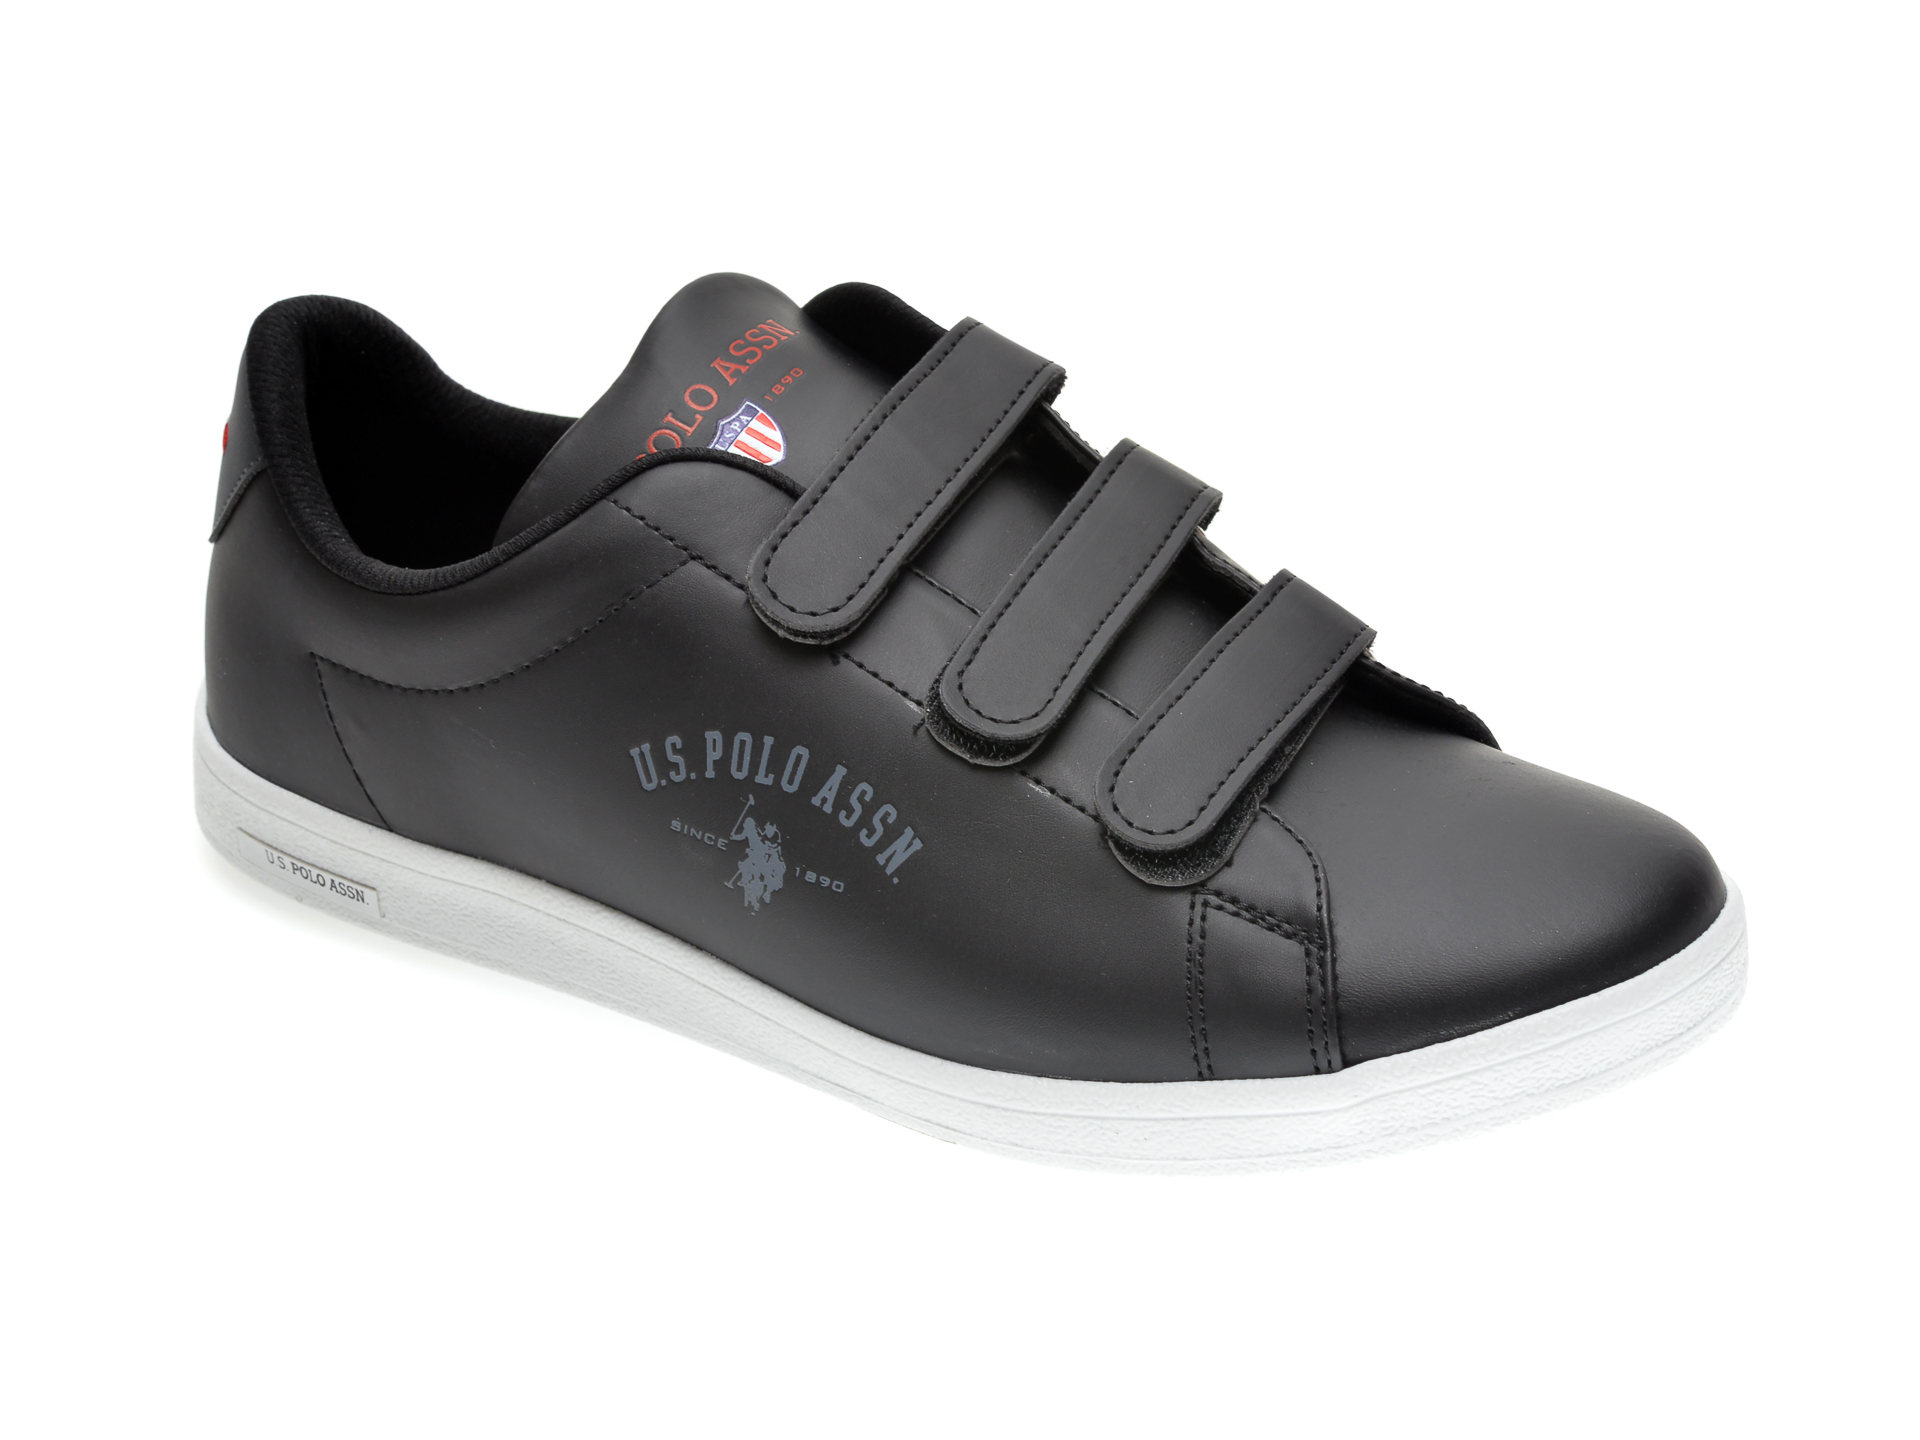 Pantofi sport US POLO ASSN negri, 371930, din piele ecologica imagine